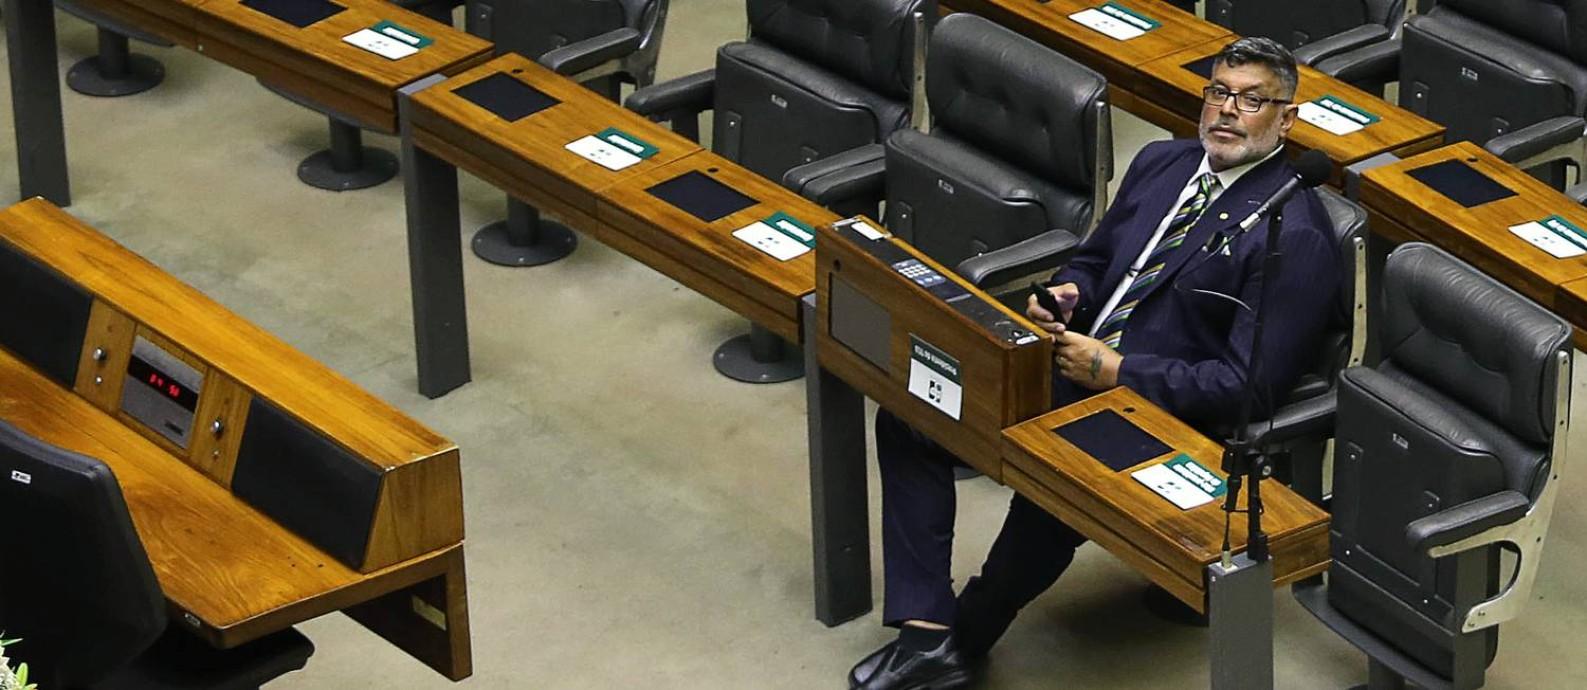 """O deputado federal Alexandre Frota (PSL-SP), que ao final de um discurso na Câmara esmagou uma laranja e vociferou: """"Laranja podre, no PSL, será esmagada"""". Foto: Jorge William / Agência O Globo"""